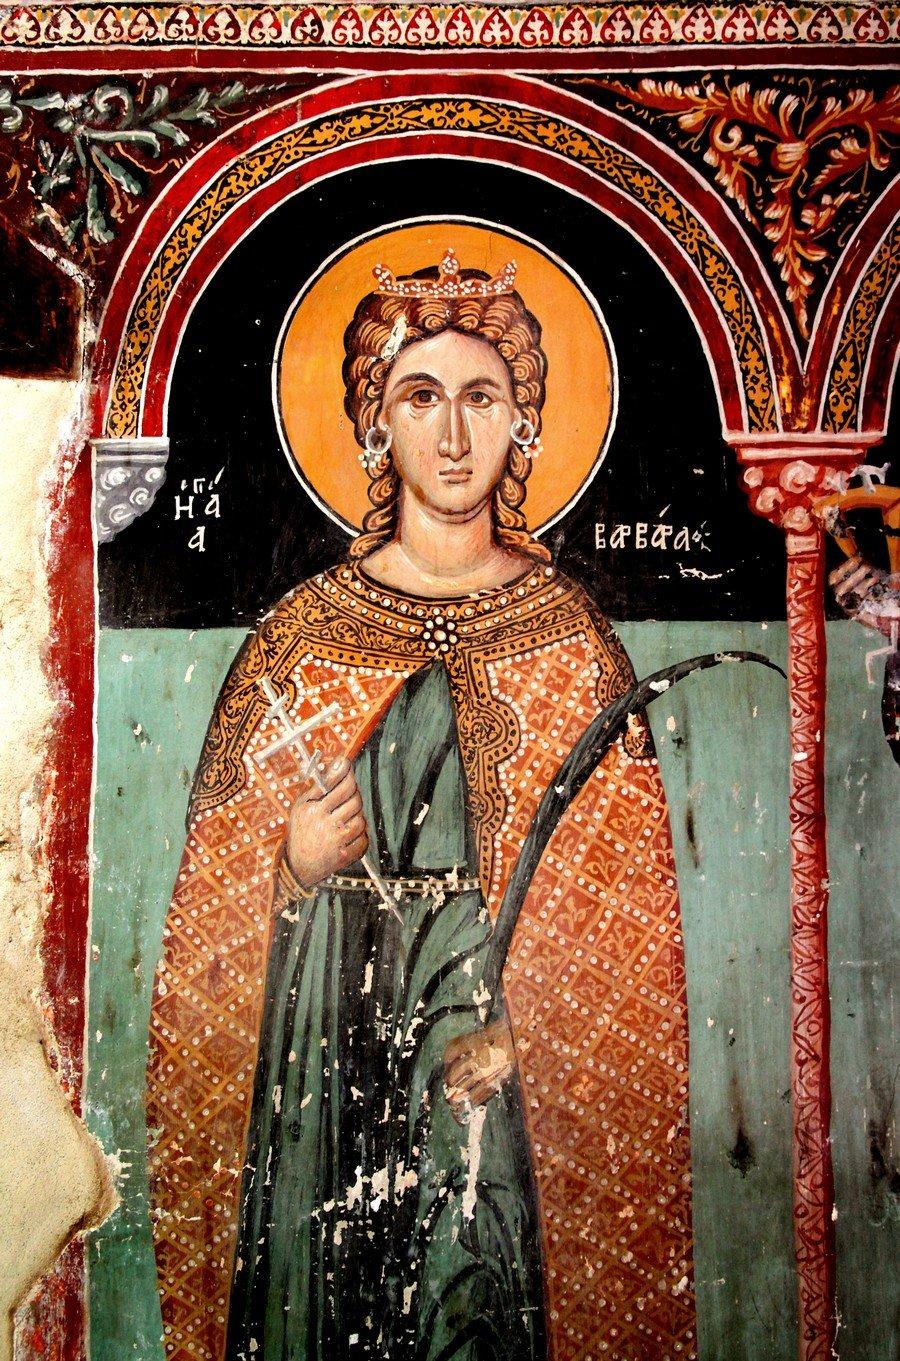 Святая Великомученица Варвара. Фреска церкви Архангела Михаила и Божией Матери в Галате на Кипре. 1514 год.